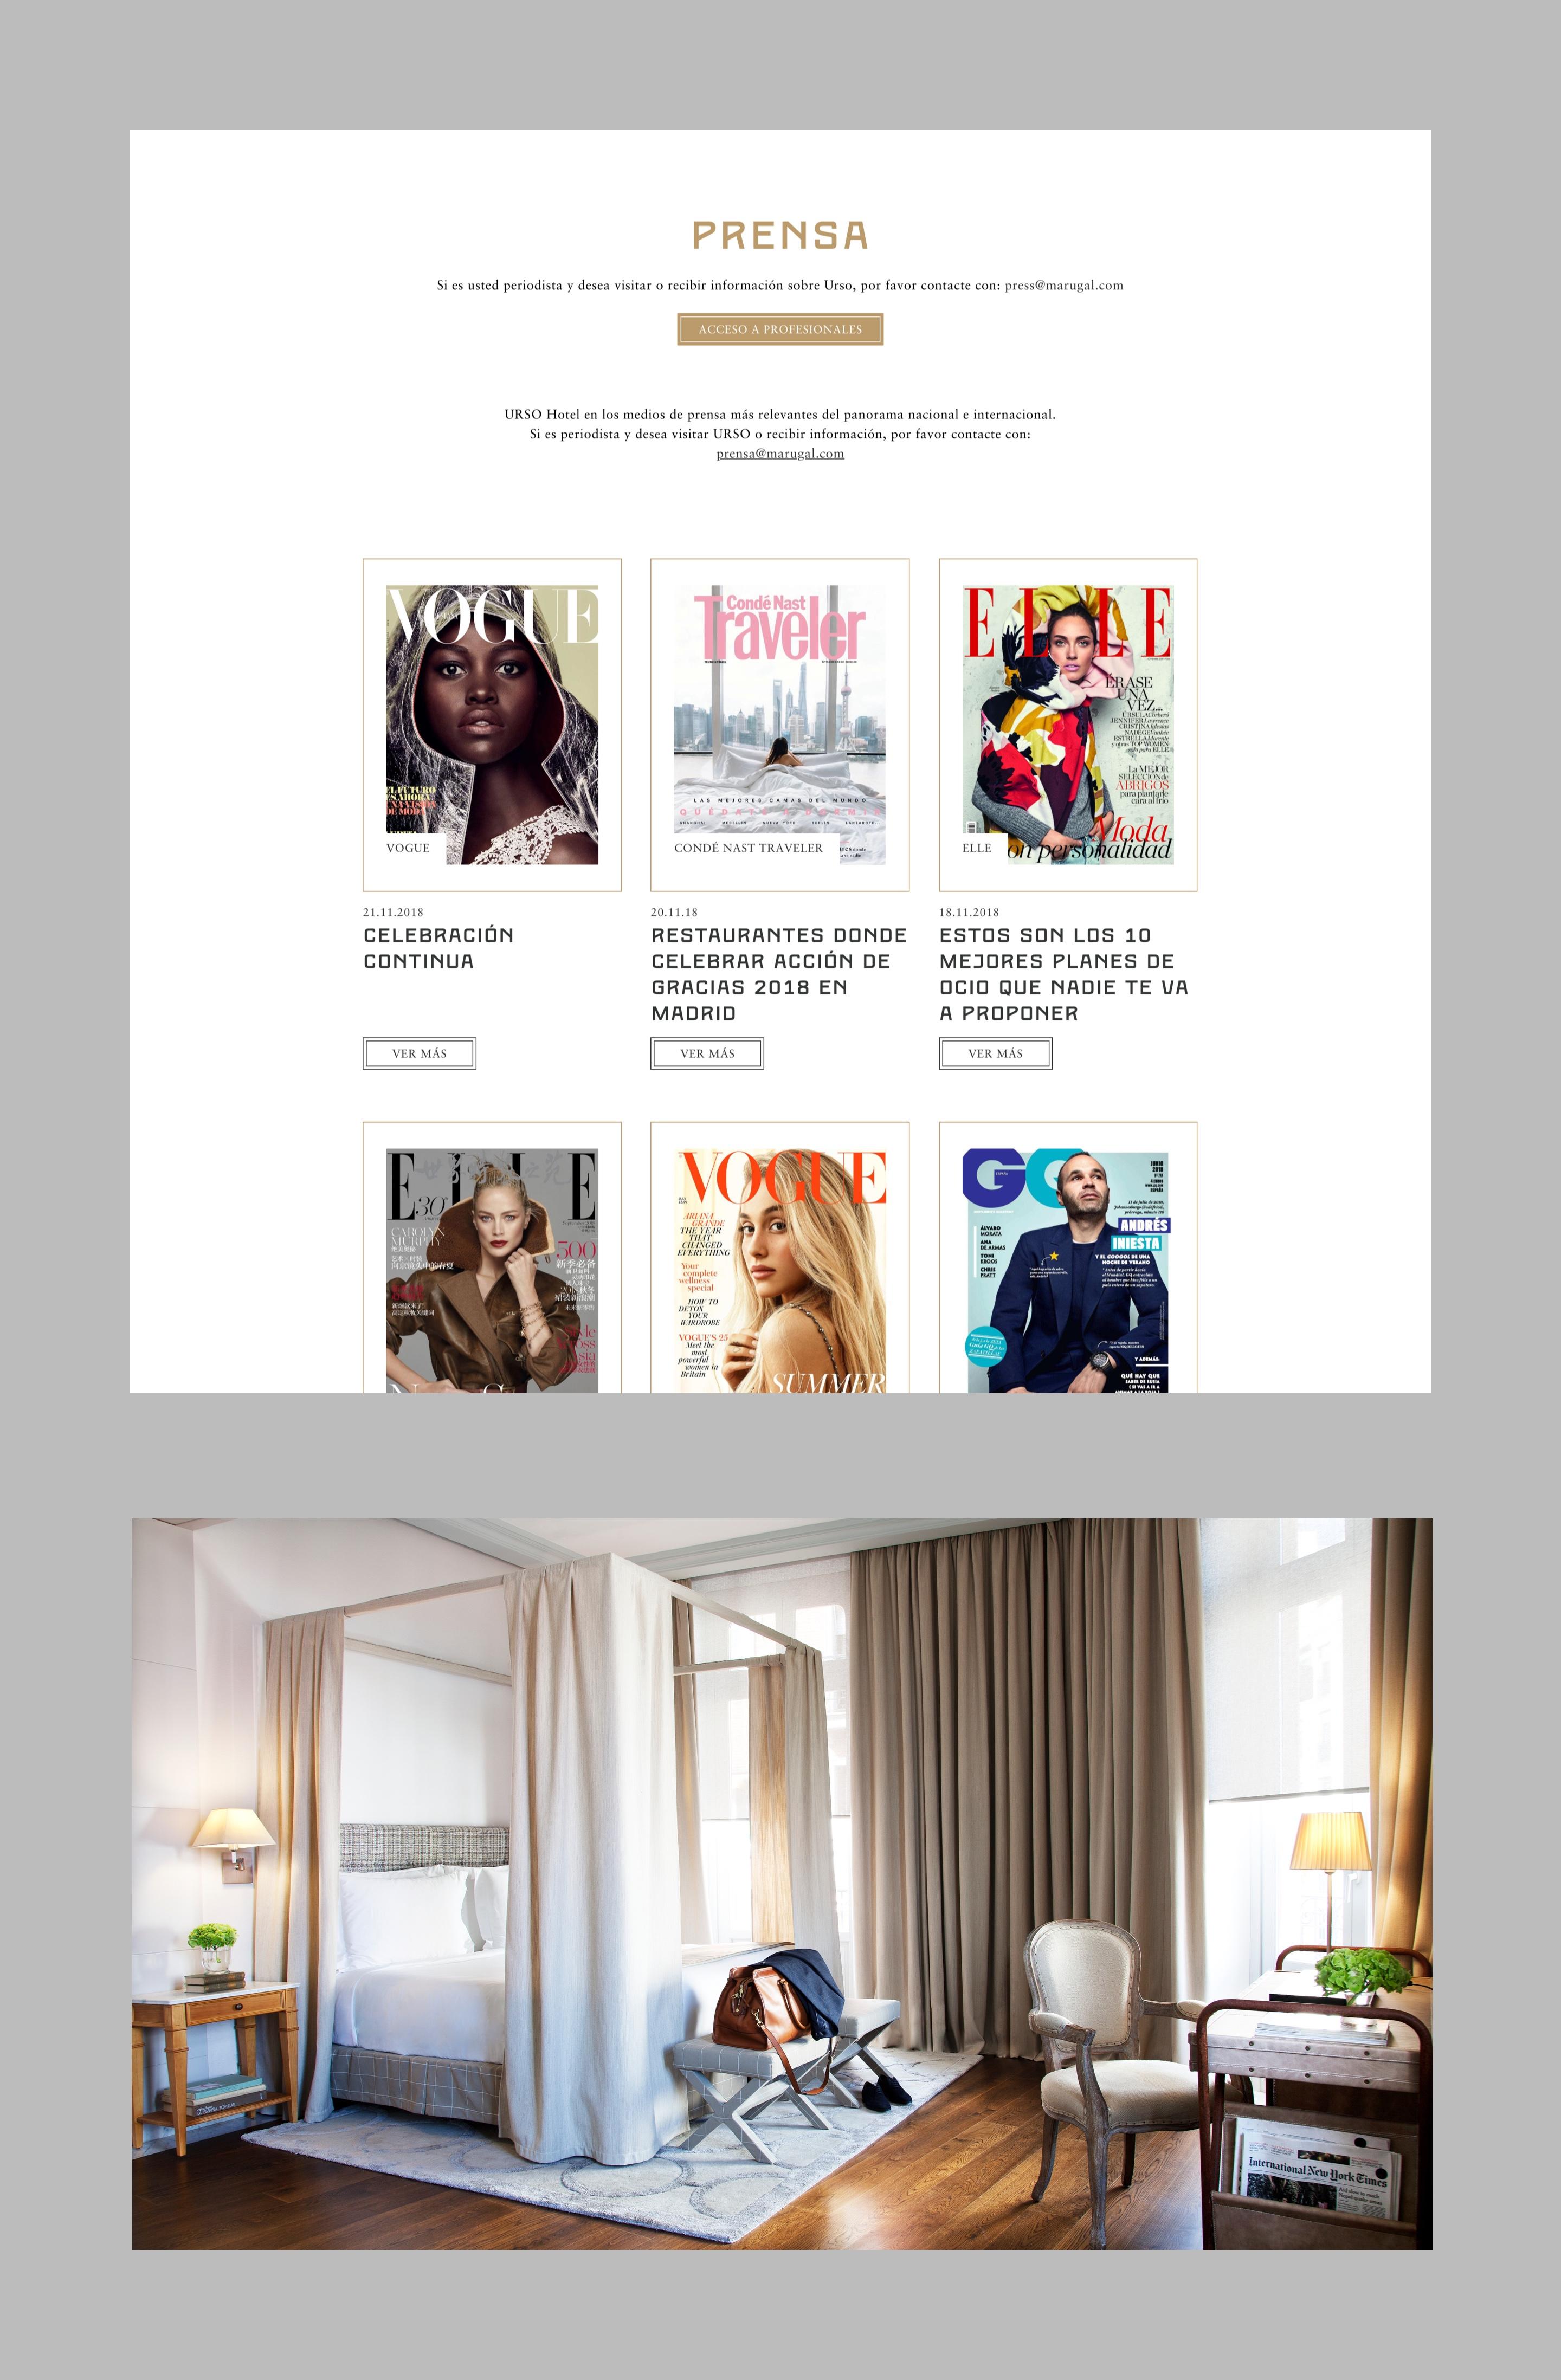 Urso hotel web detalle prensa